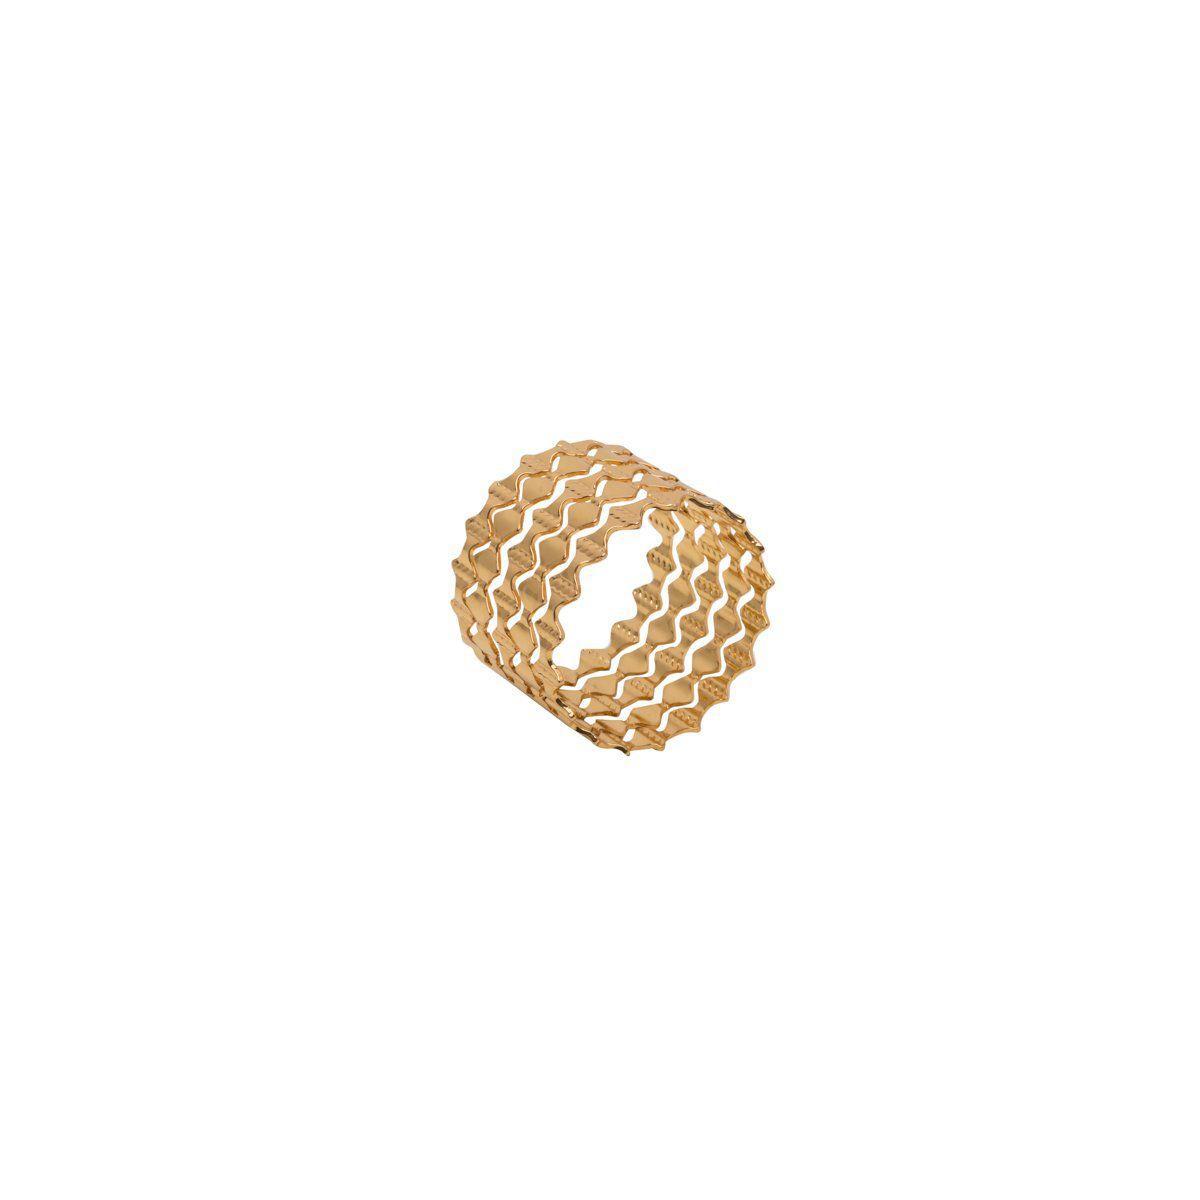 Jogo 4 anéis para guardanapo em zamac dourado Gates Prestige - 26512